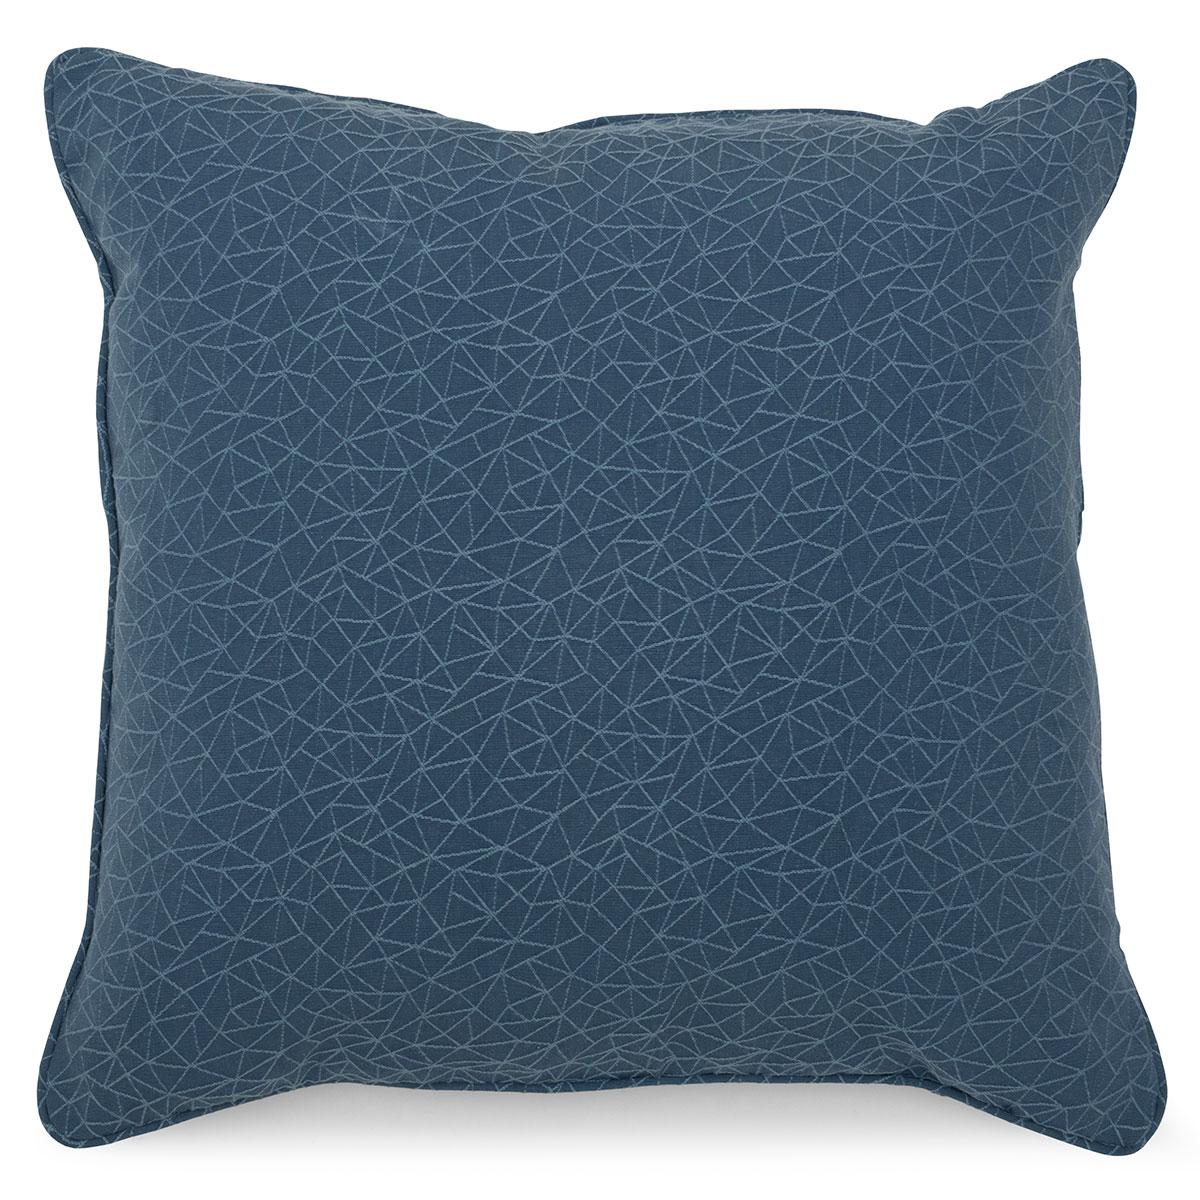 Image of   Udendørs pyntepude - Orion blå